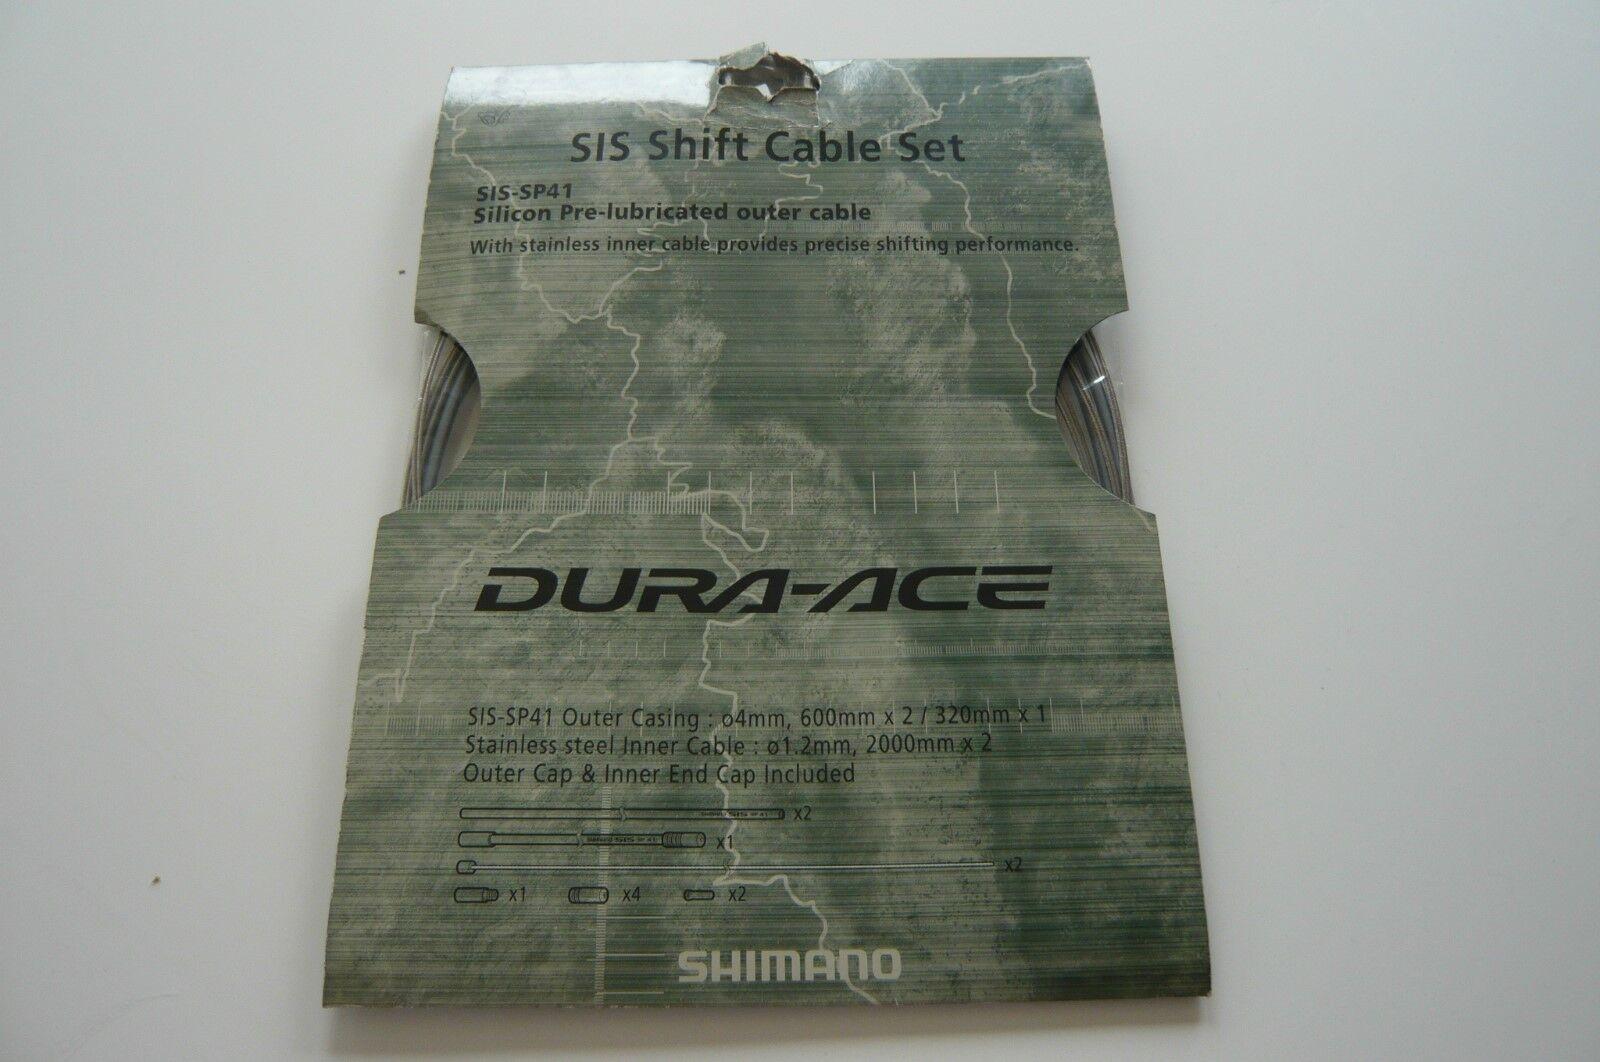 Shimano  Dura-Ace SIS-SP41 Shift Cable Set Nuevo Viejo Stock  alta calidad y envío rápido